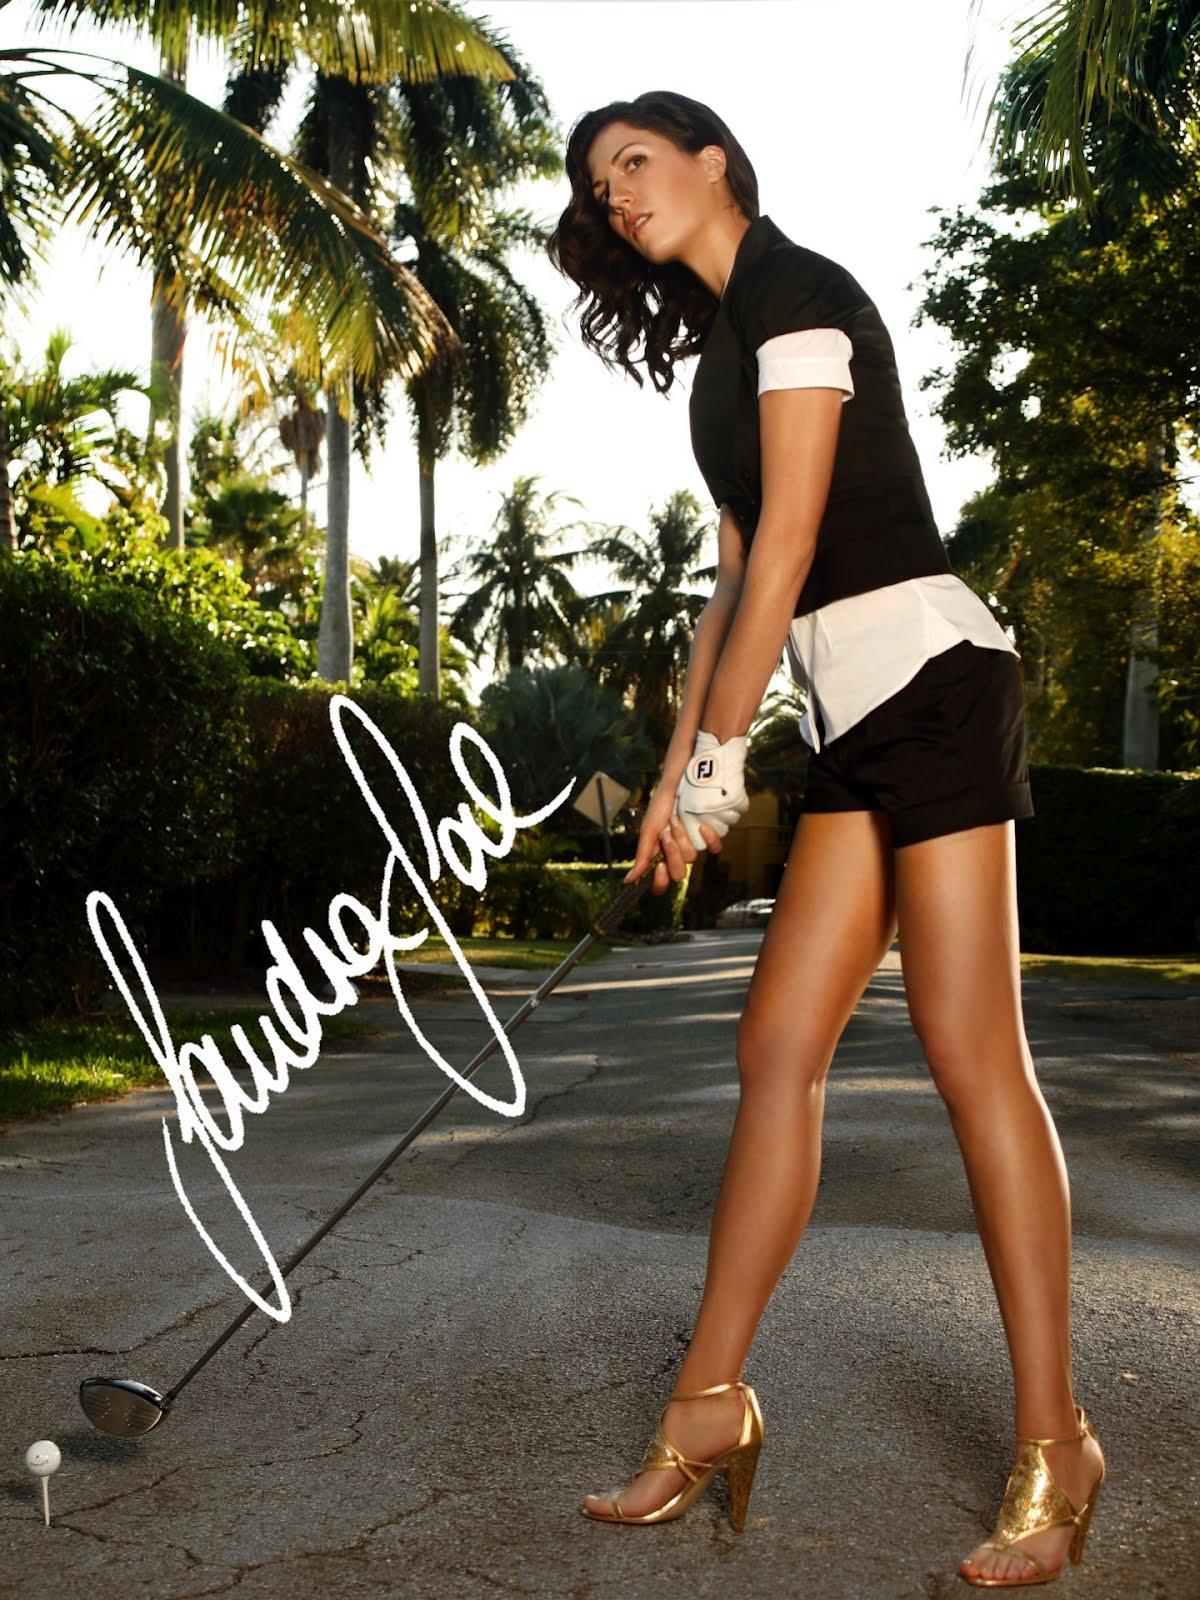 Image result for hot women's golfer